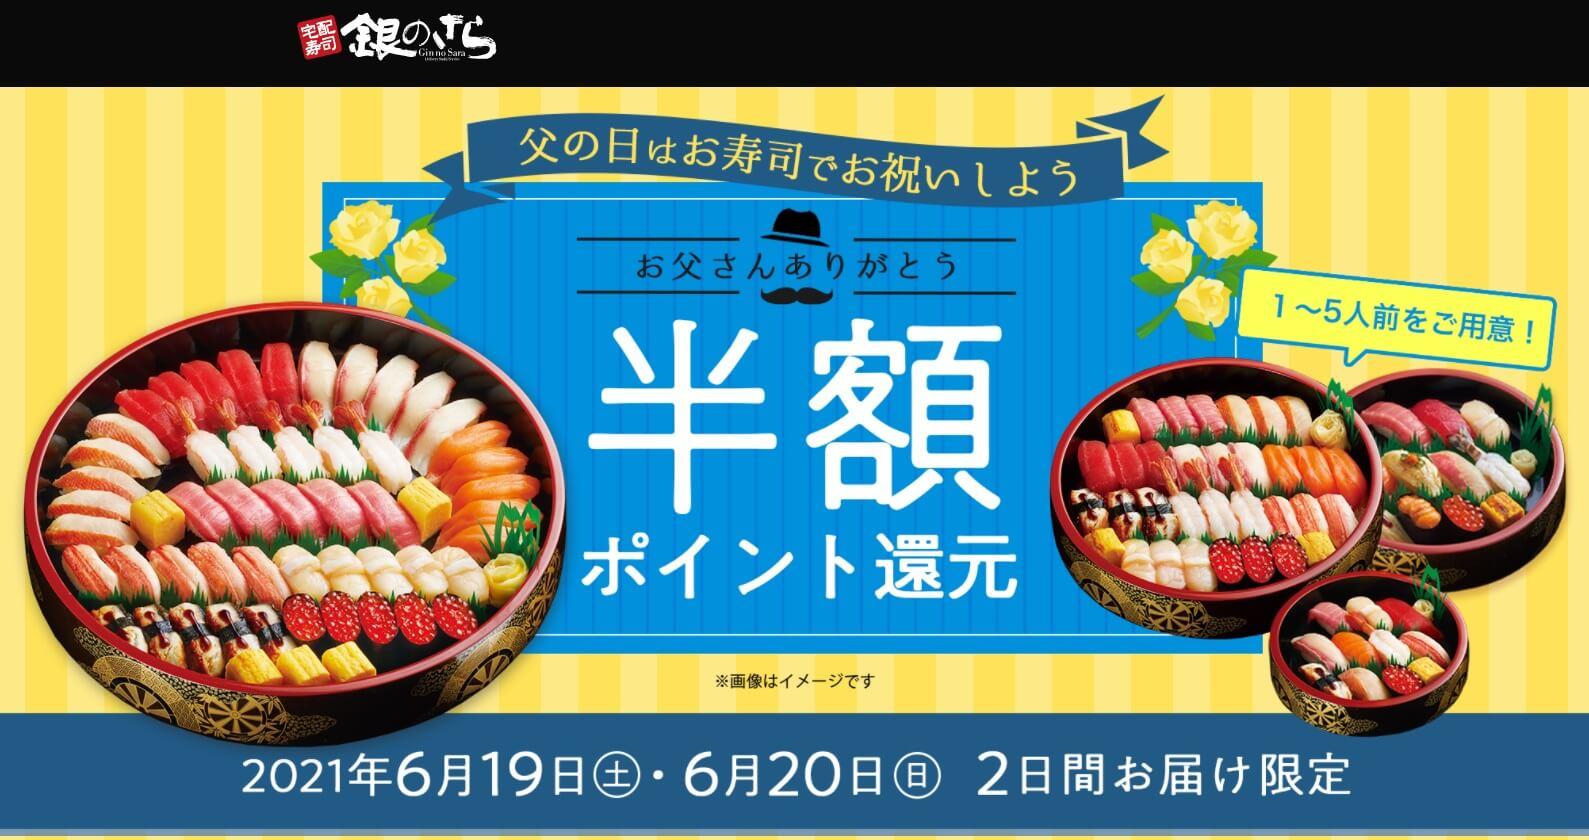 ginnnosara-sushi-20210620